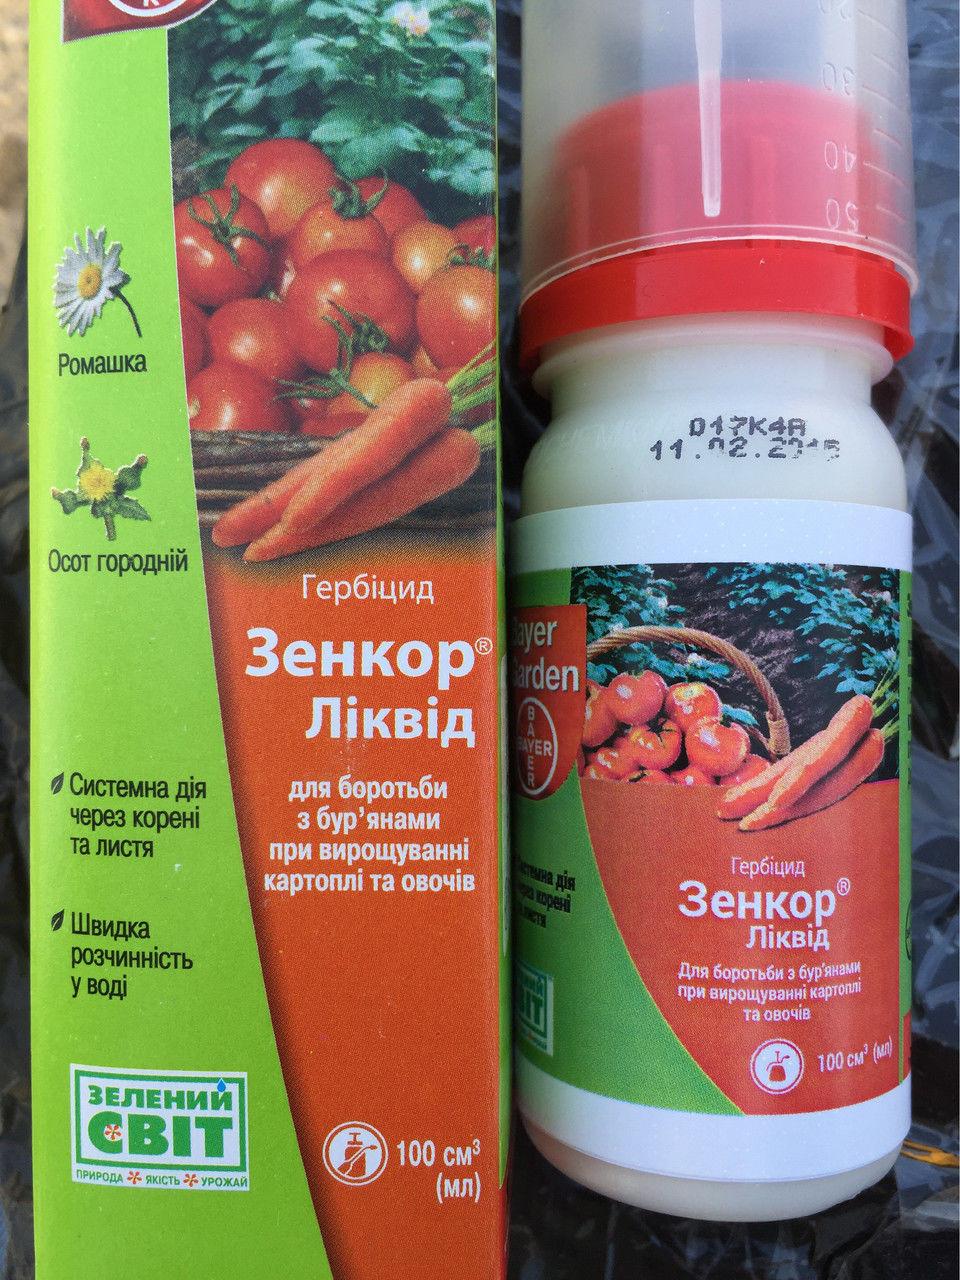 Инструкция по применению и состав гербицида зенкор, дозировка и аналоги